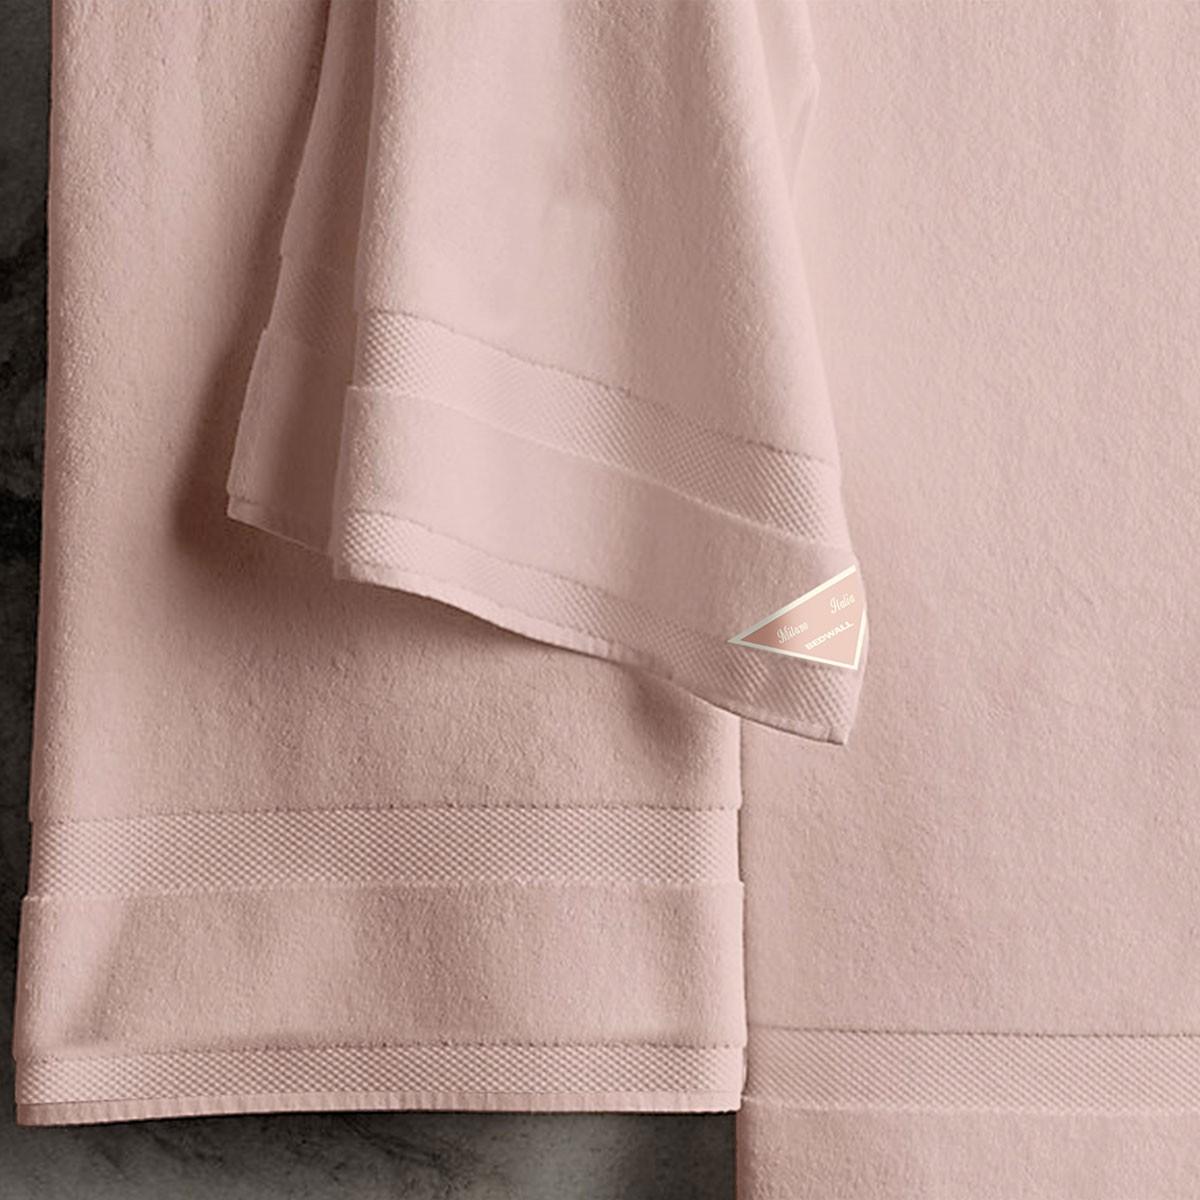 Πετσέτες Μπάνιου (Σετ 3τμχ) Bedwall Super Soft Dusty Pink